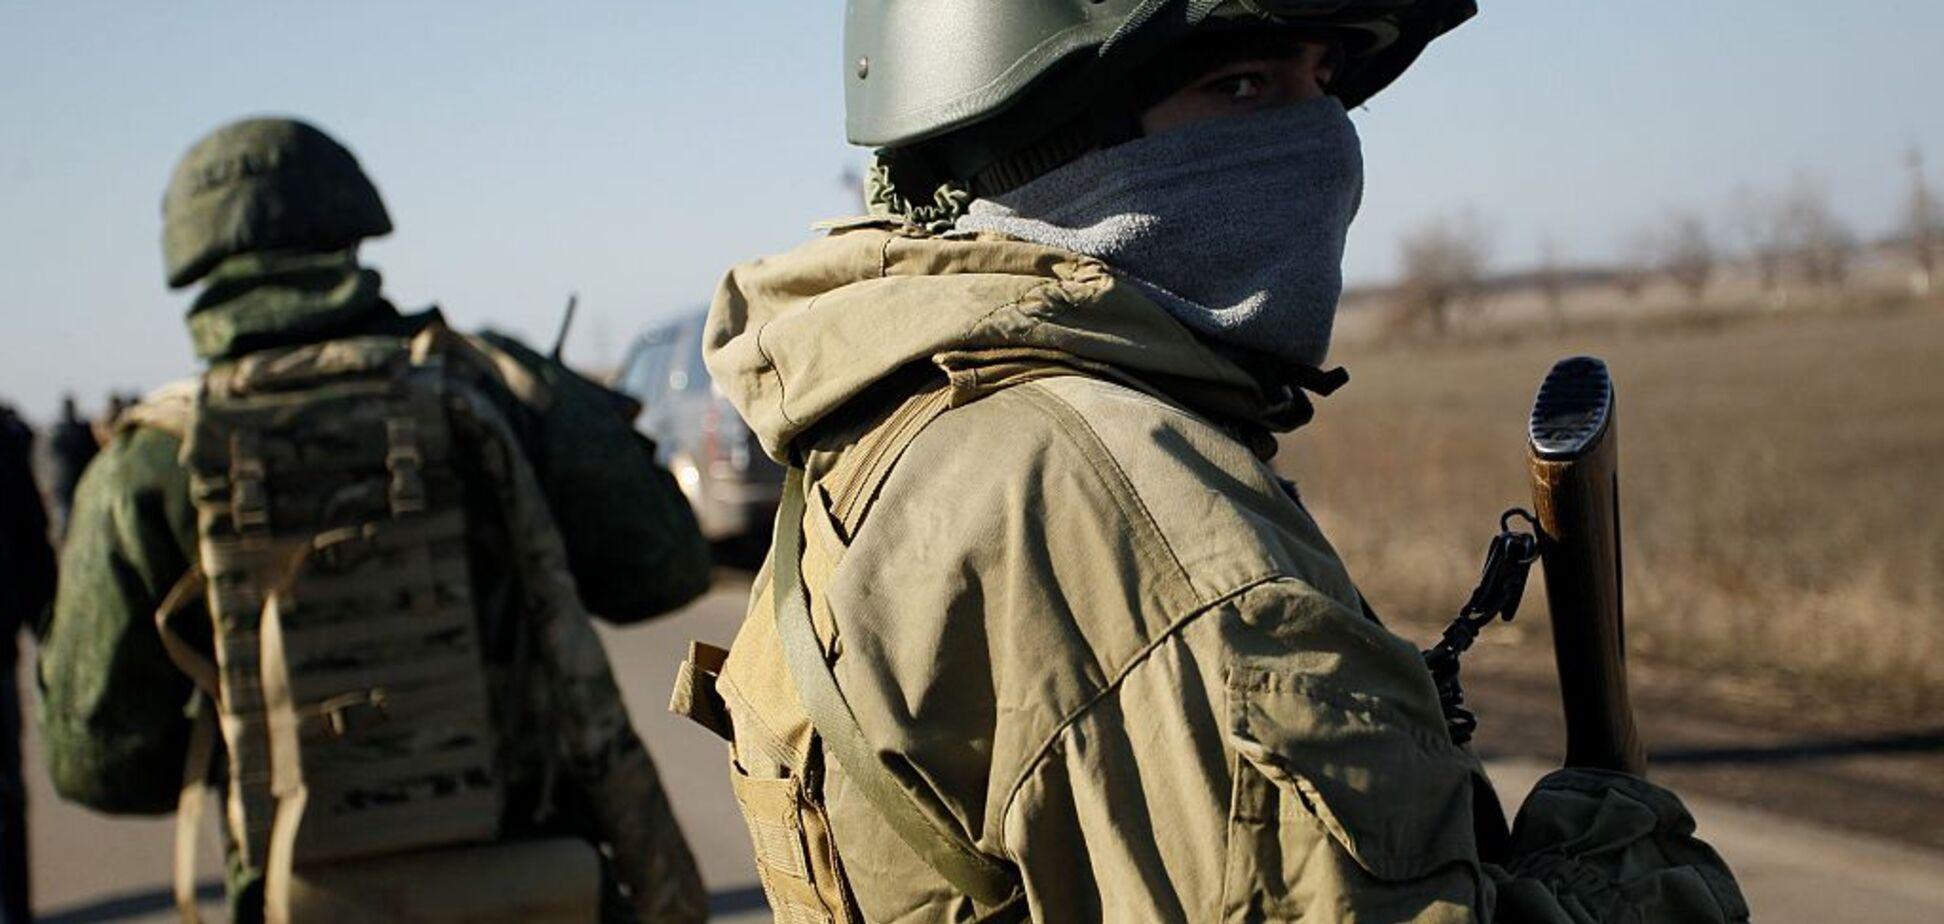 'Перебросили боевиков и оружие': в Раде спрогнозировали новую горячую точку на Донбассе